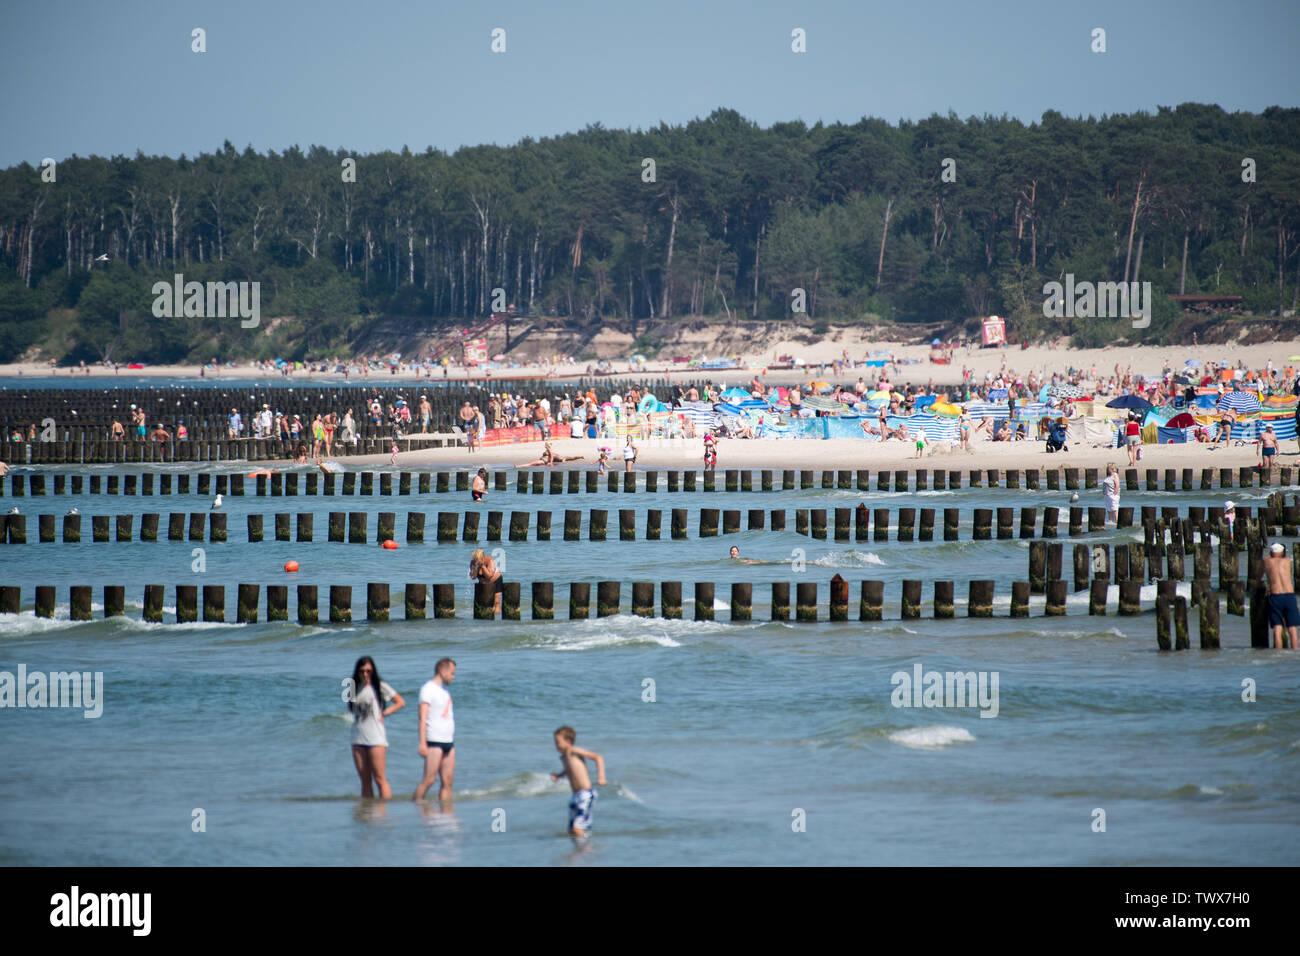 Hot day on beach in Ustka, Poland. June 17th 2019 © Wojciech Strozyk / Alamy Stock Photo Stock Photo